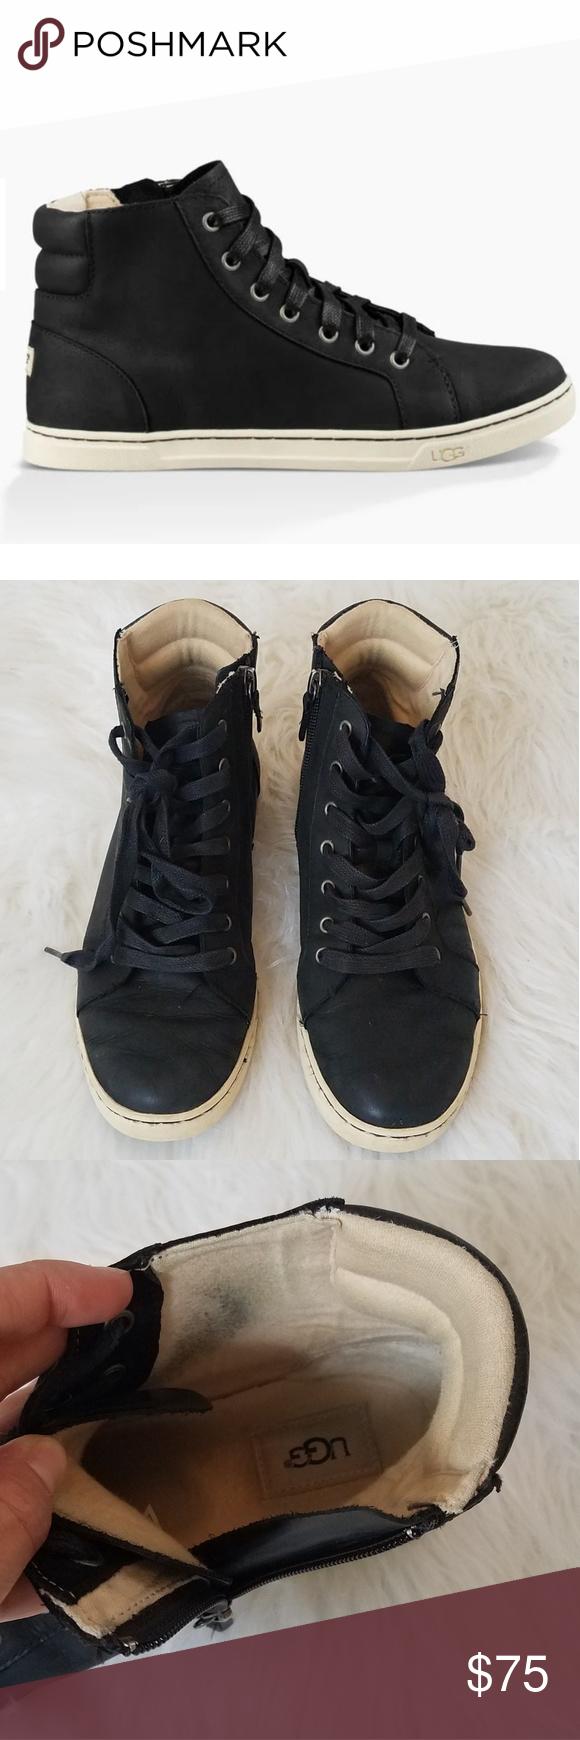 6cad7571102 UGG Gradie Black Leather High Top Sneaker UGG Gradie Black Leather ...